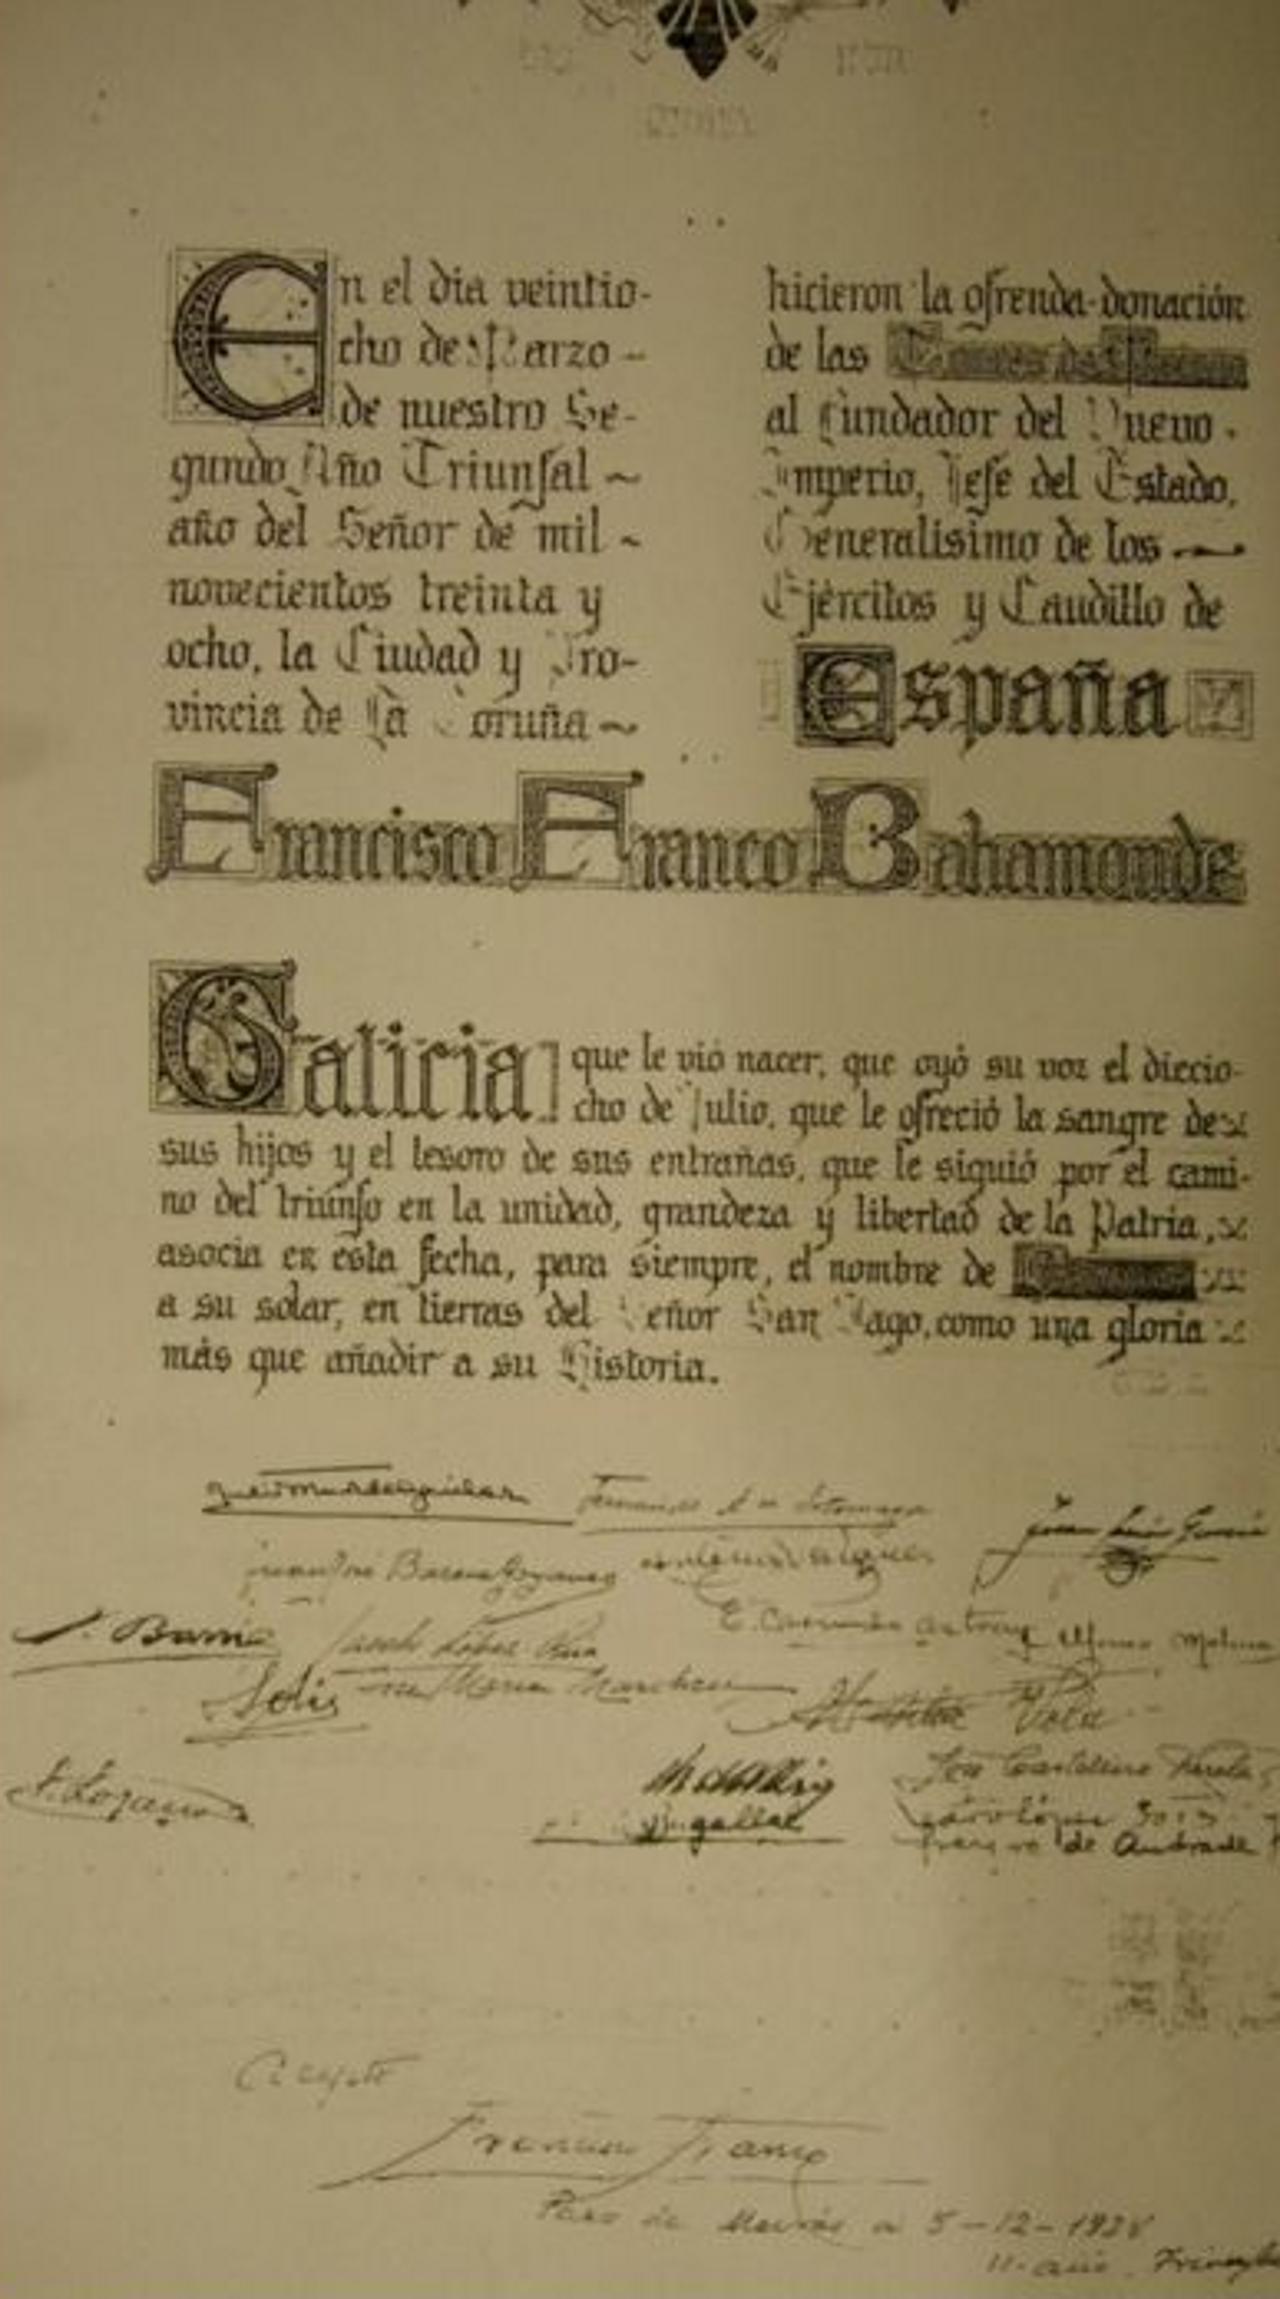 Pergamino de entrega de las Torres de Meirás al dictador, con fecha del 28 de marzo de 1938 y firmado por Franco en diciembre del mismo año